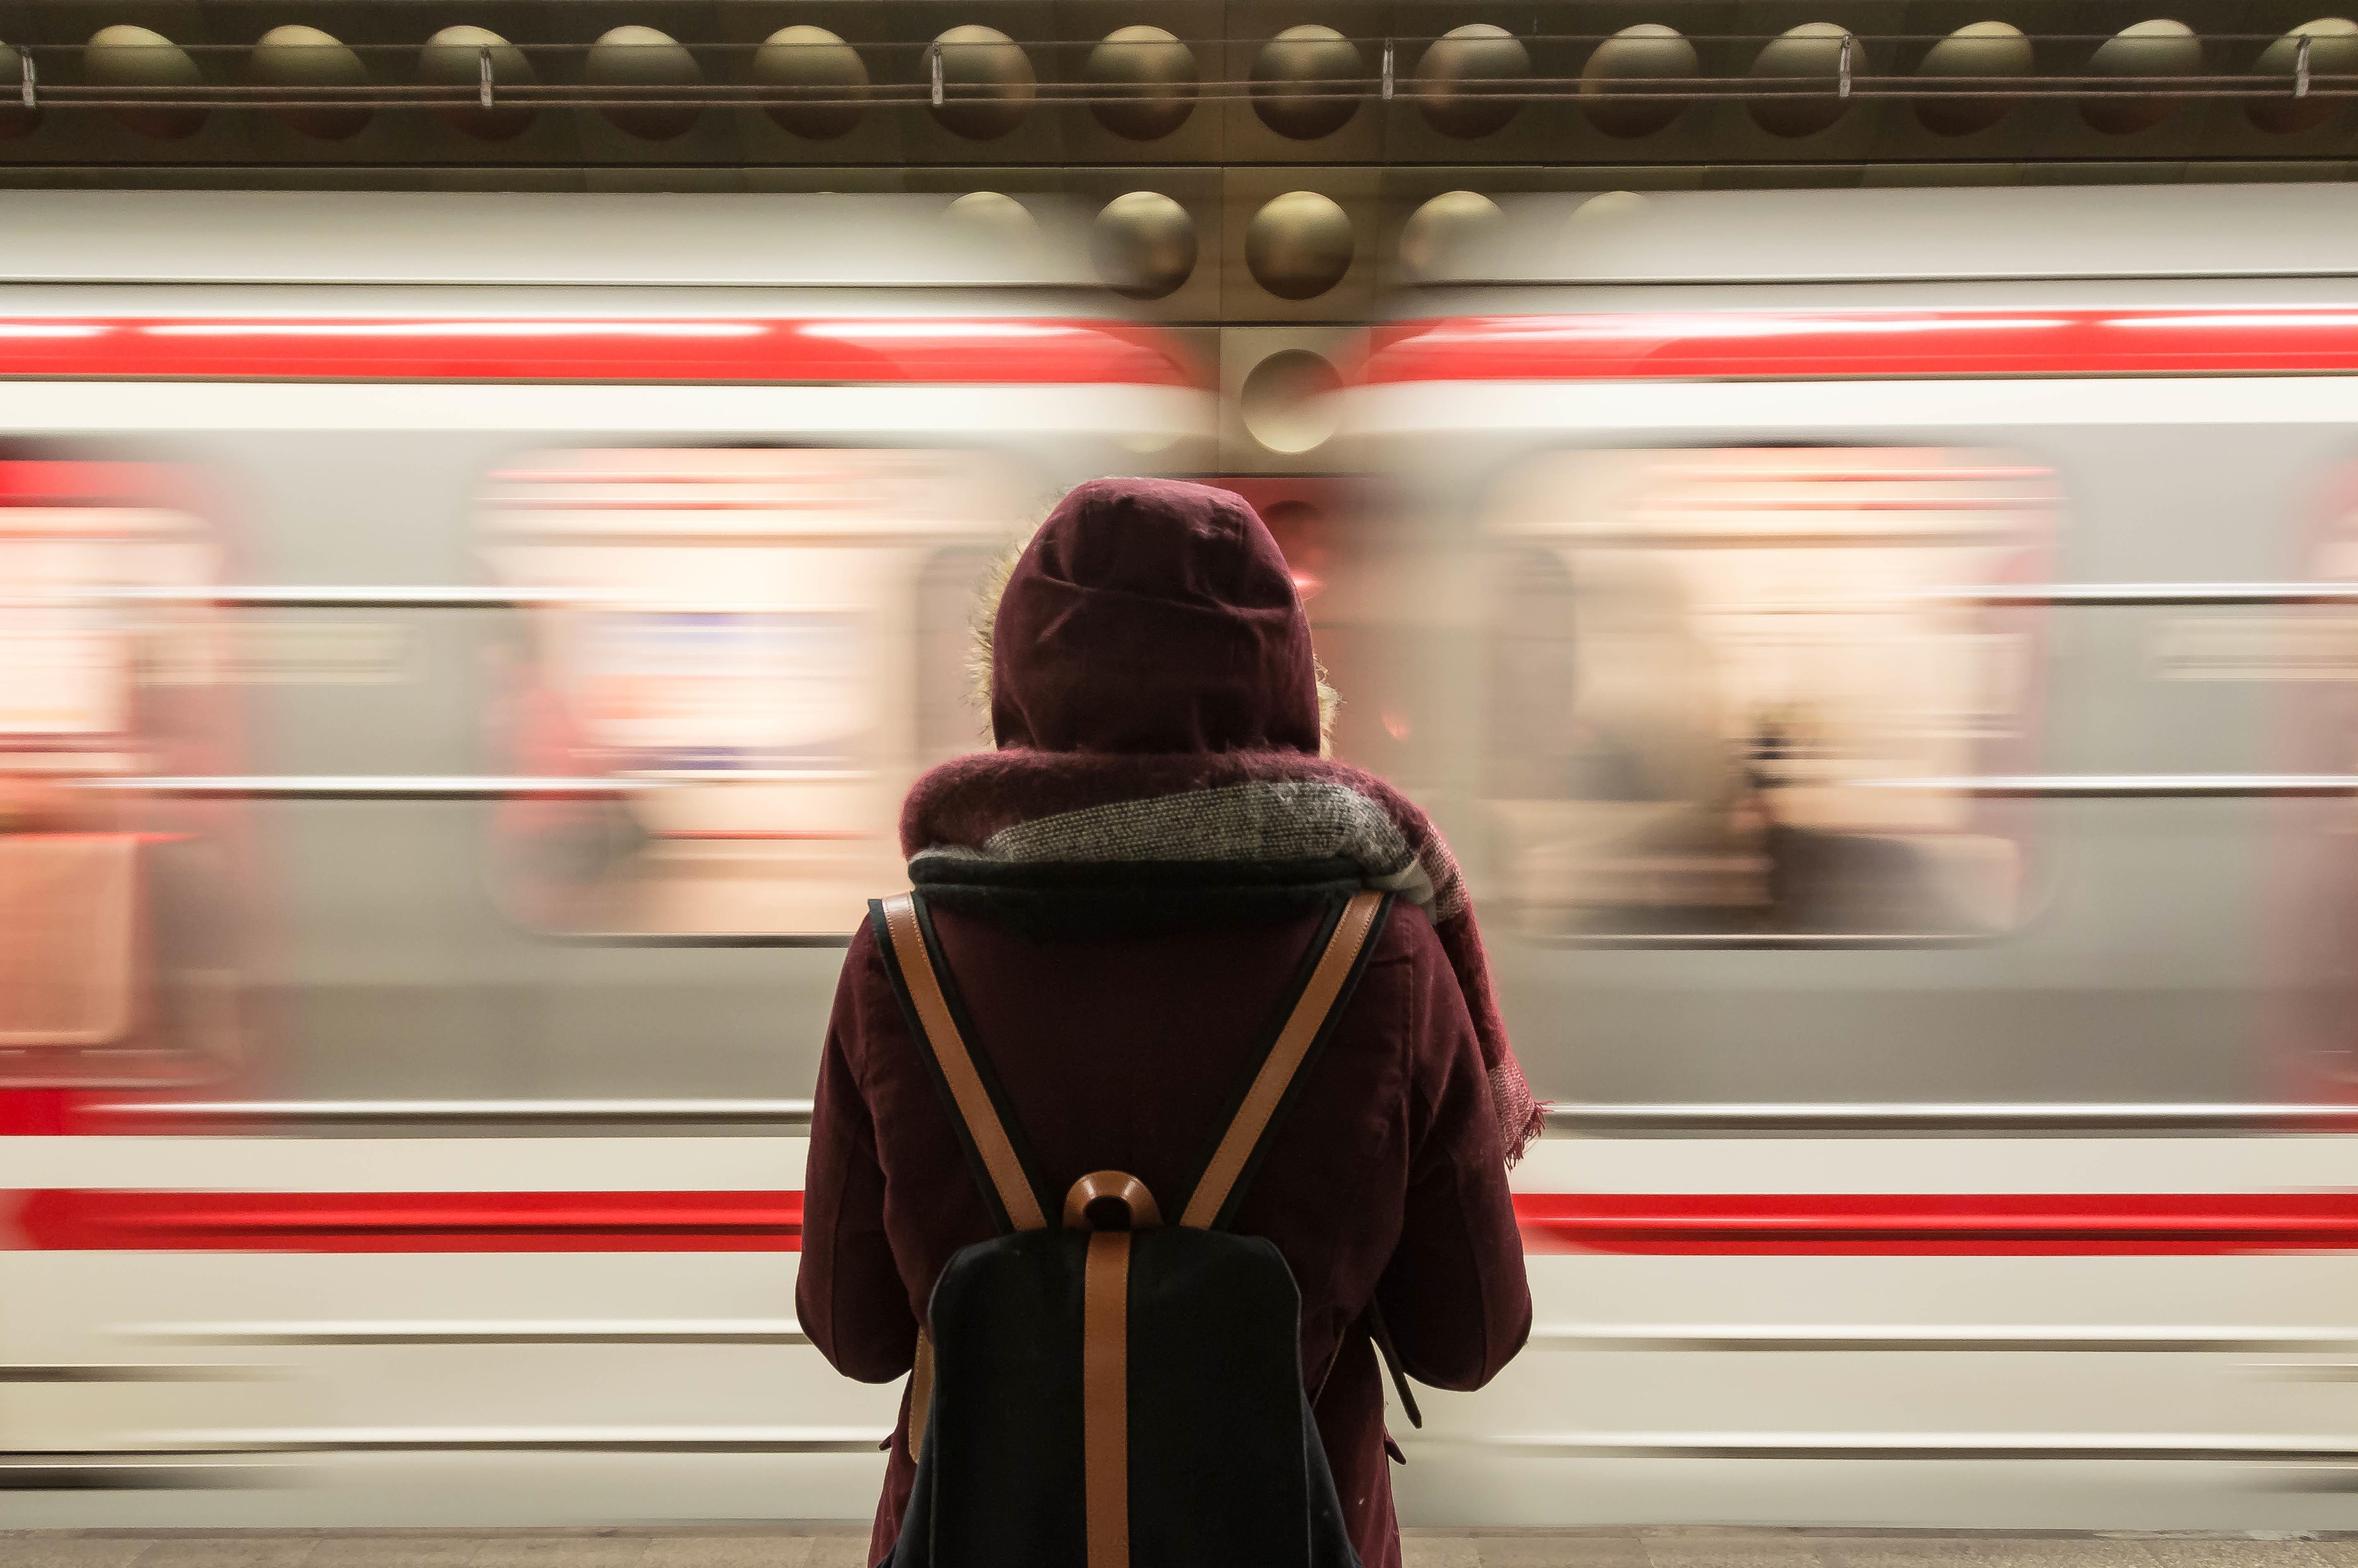 4-stap-uit-de-sneltrein-der-verwachtingen-en-neem-de-stoptrein-naar-jezelf